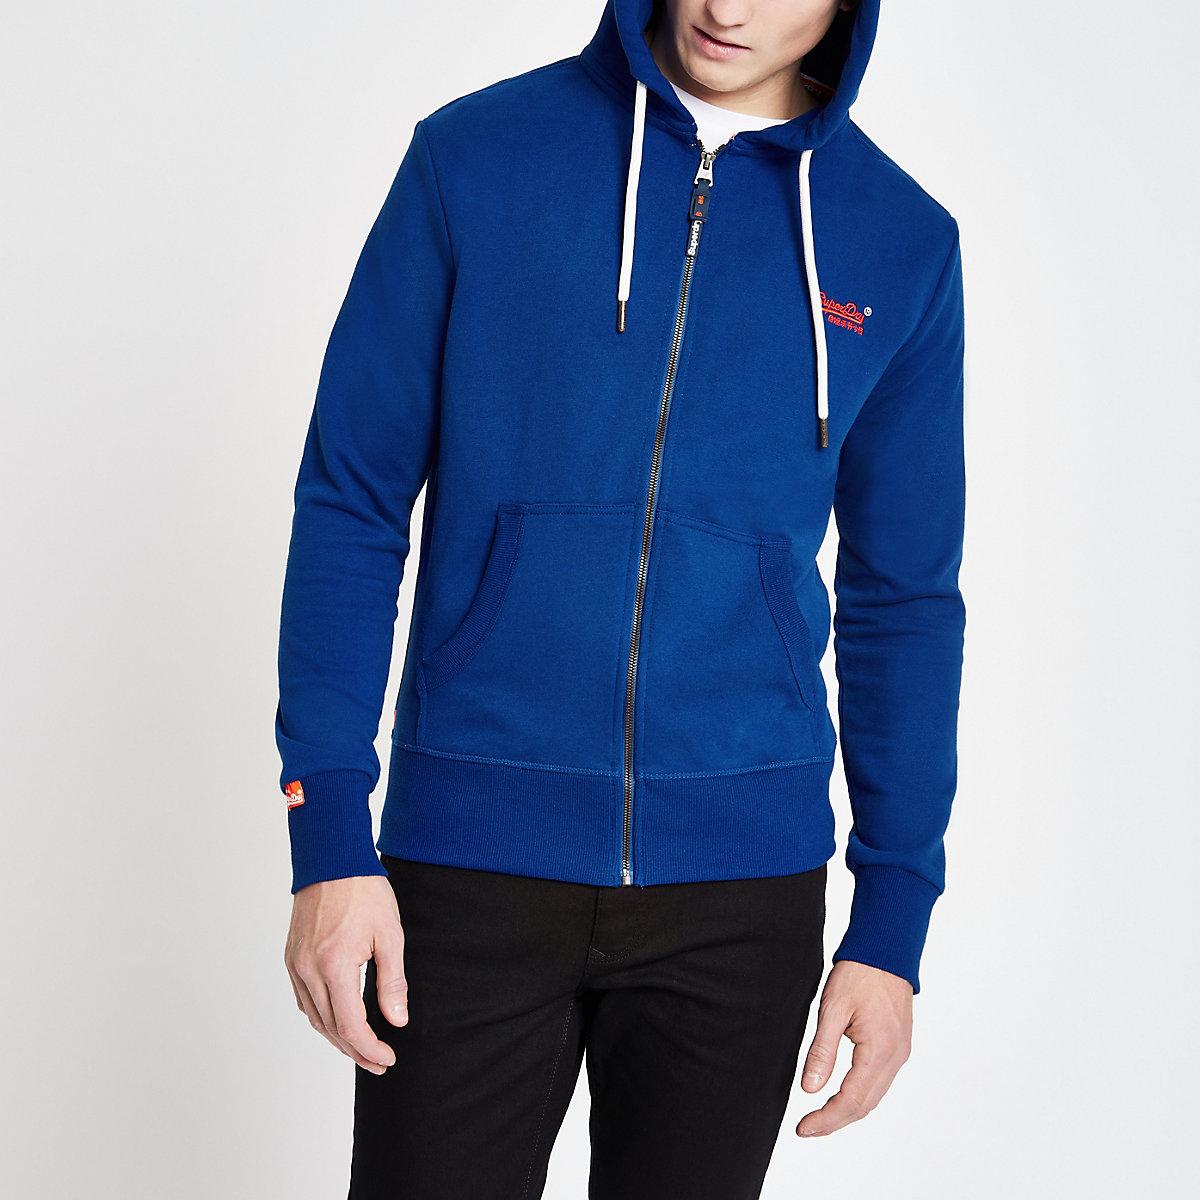 Superdry blue zip hoodie